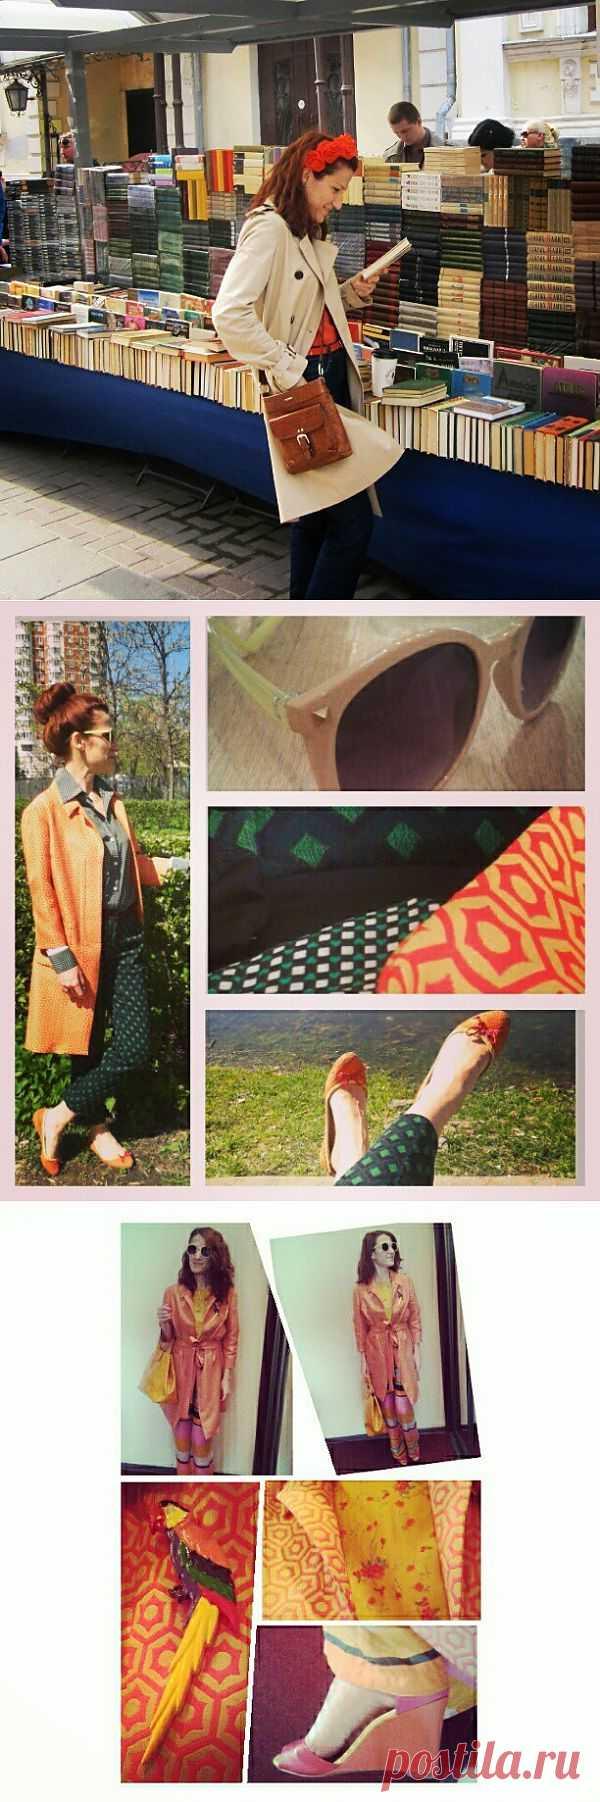 Начало лета, яркие акценты, образы / Ваш стиль / Модный сайт о стильной переделке одежды и интерьера